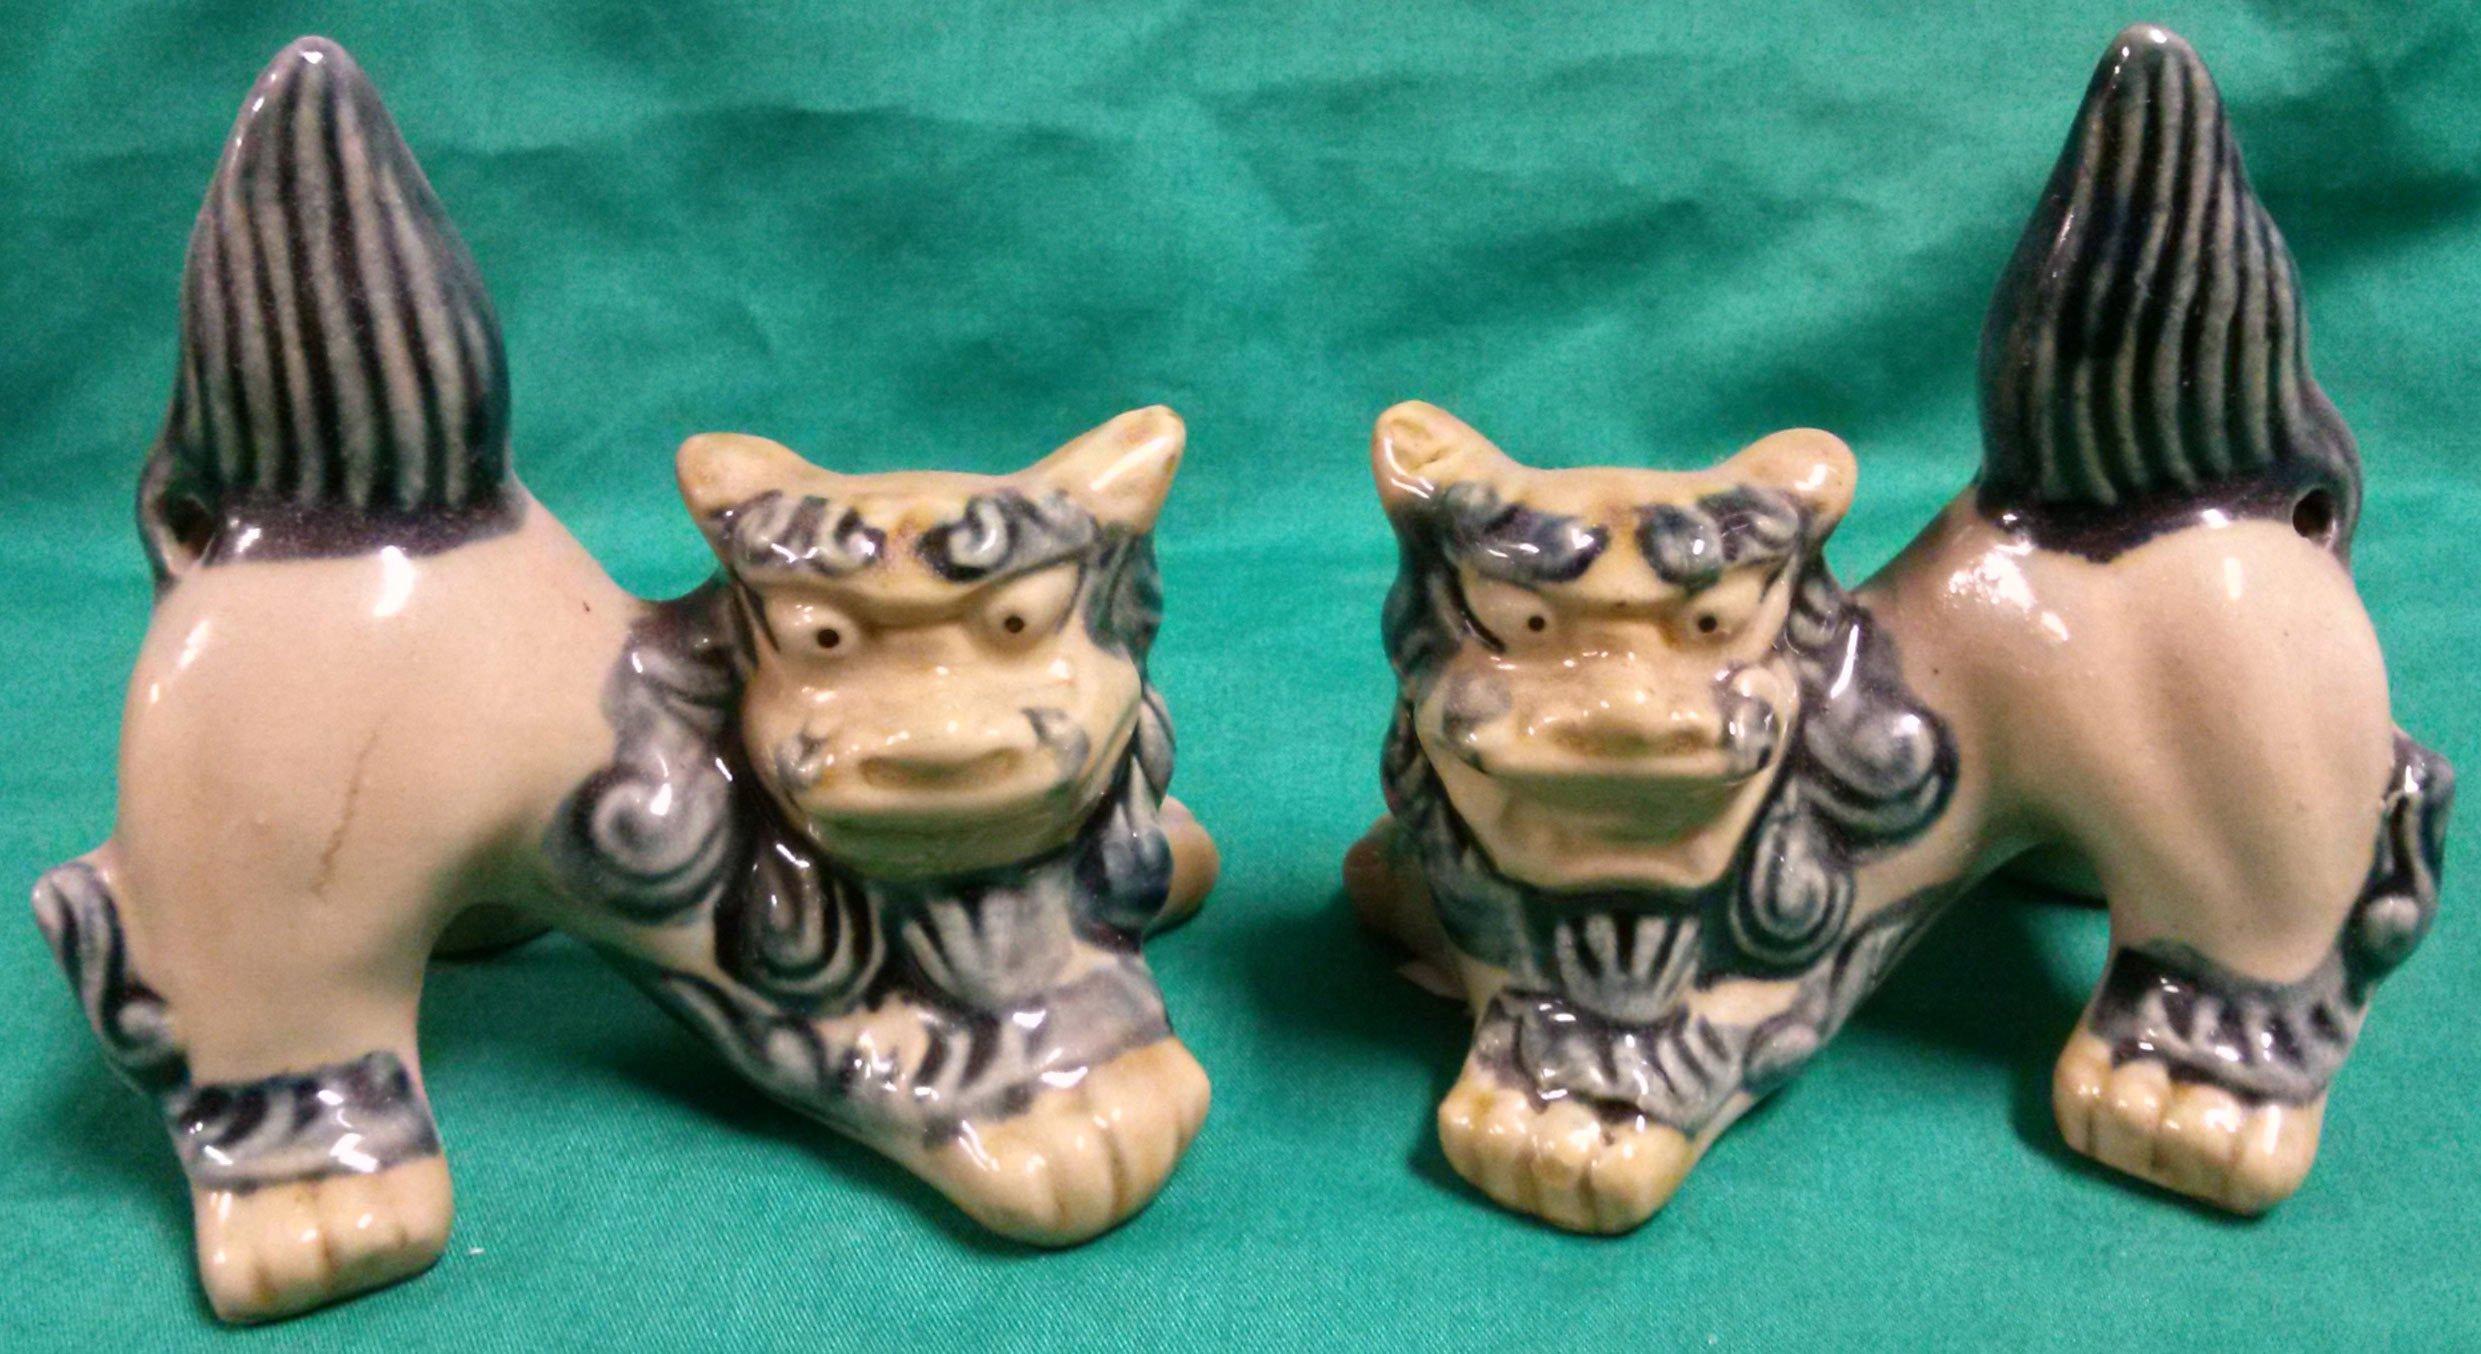 Ceramic okinawan crouching shishi in Honolulu, HI